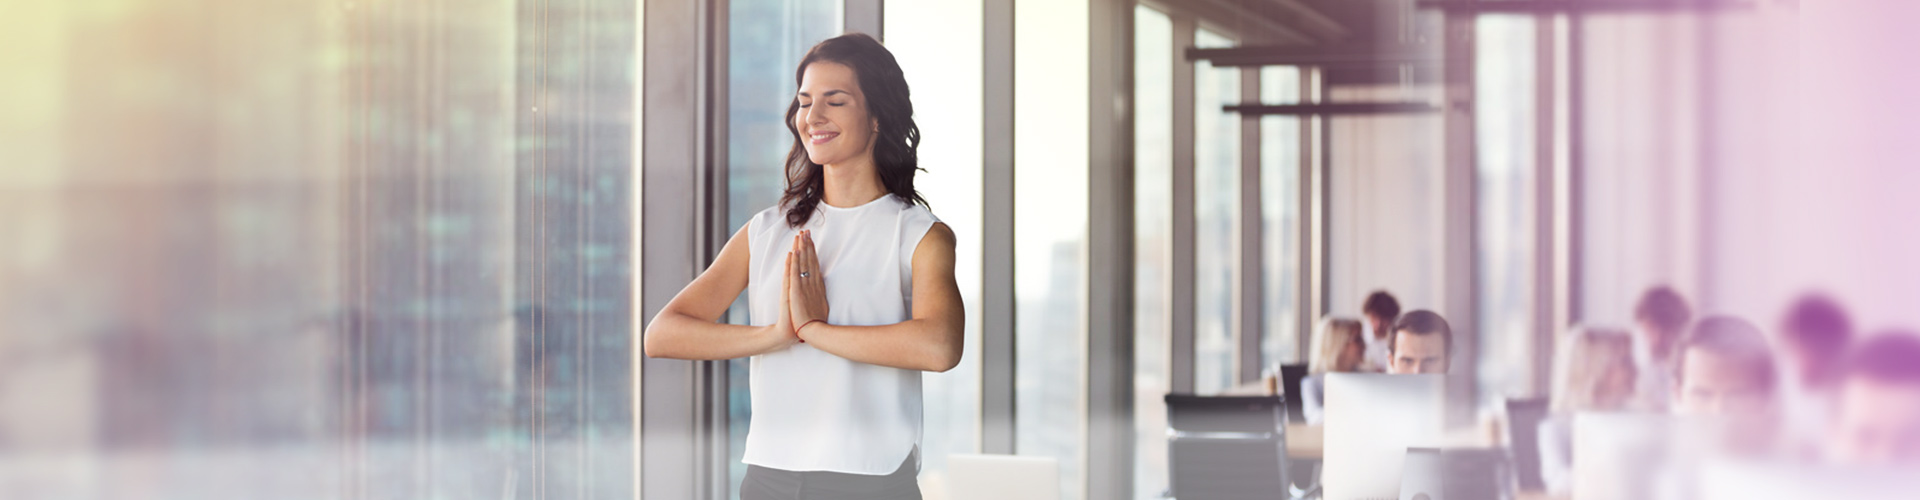 Manager le bien-être et la performance avec la boîte à outils de la psychologie positive au travail